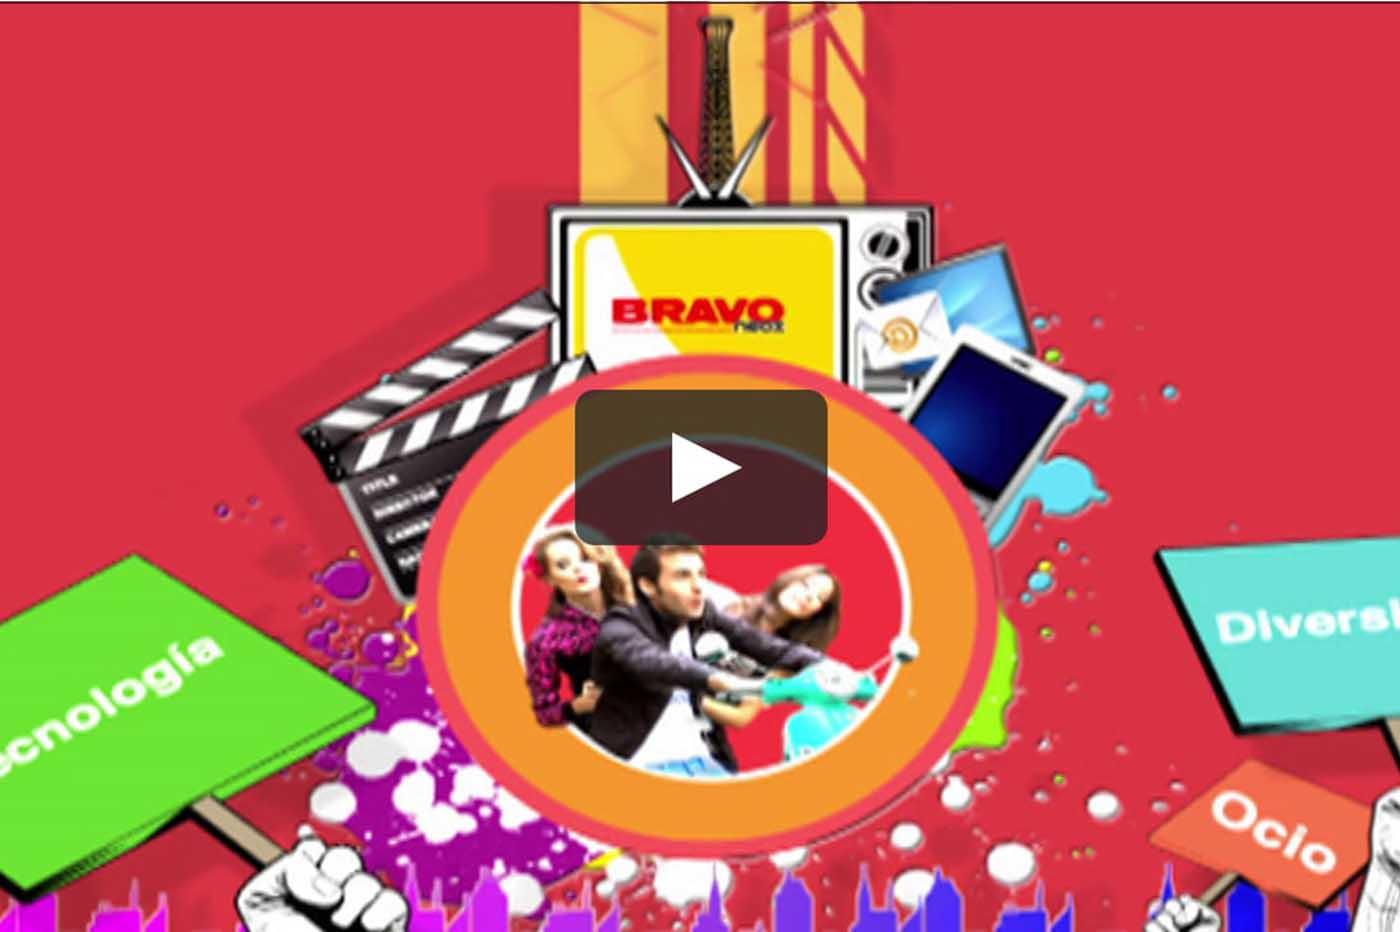 Crítica Bravo Neox